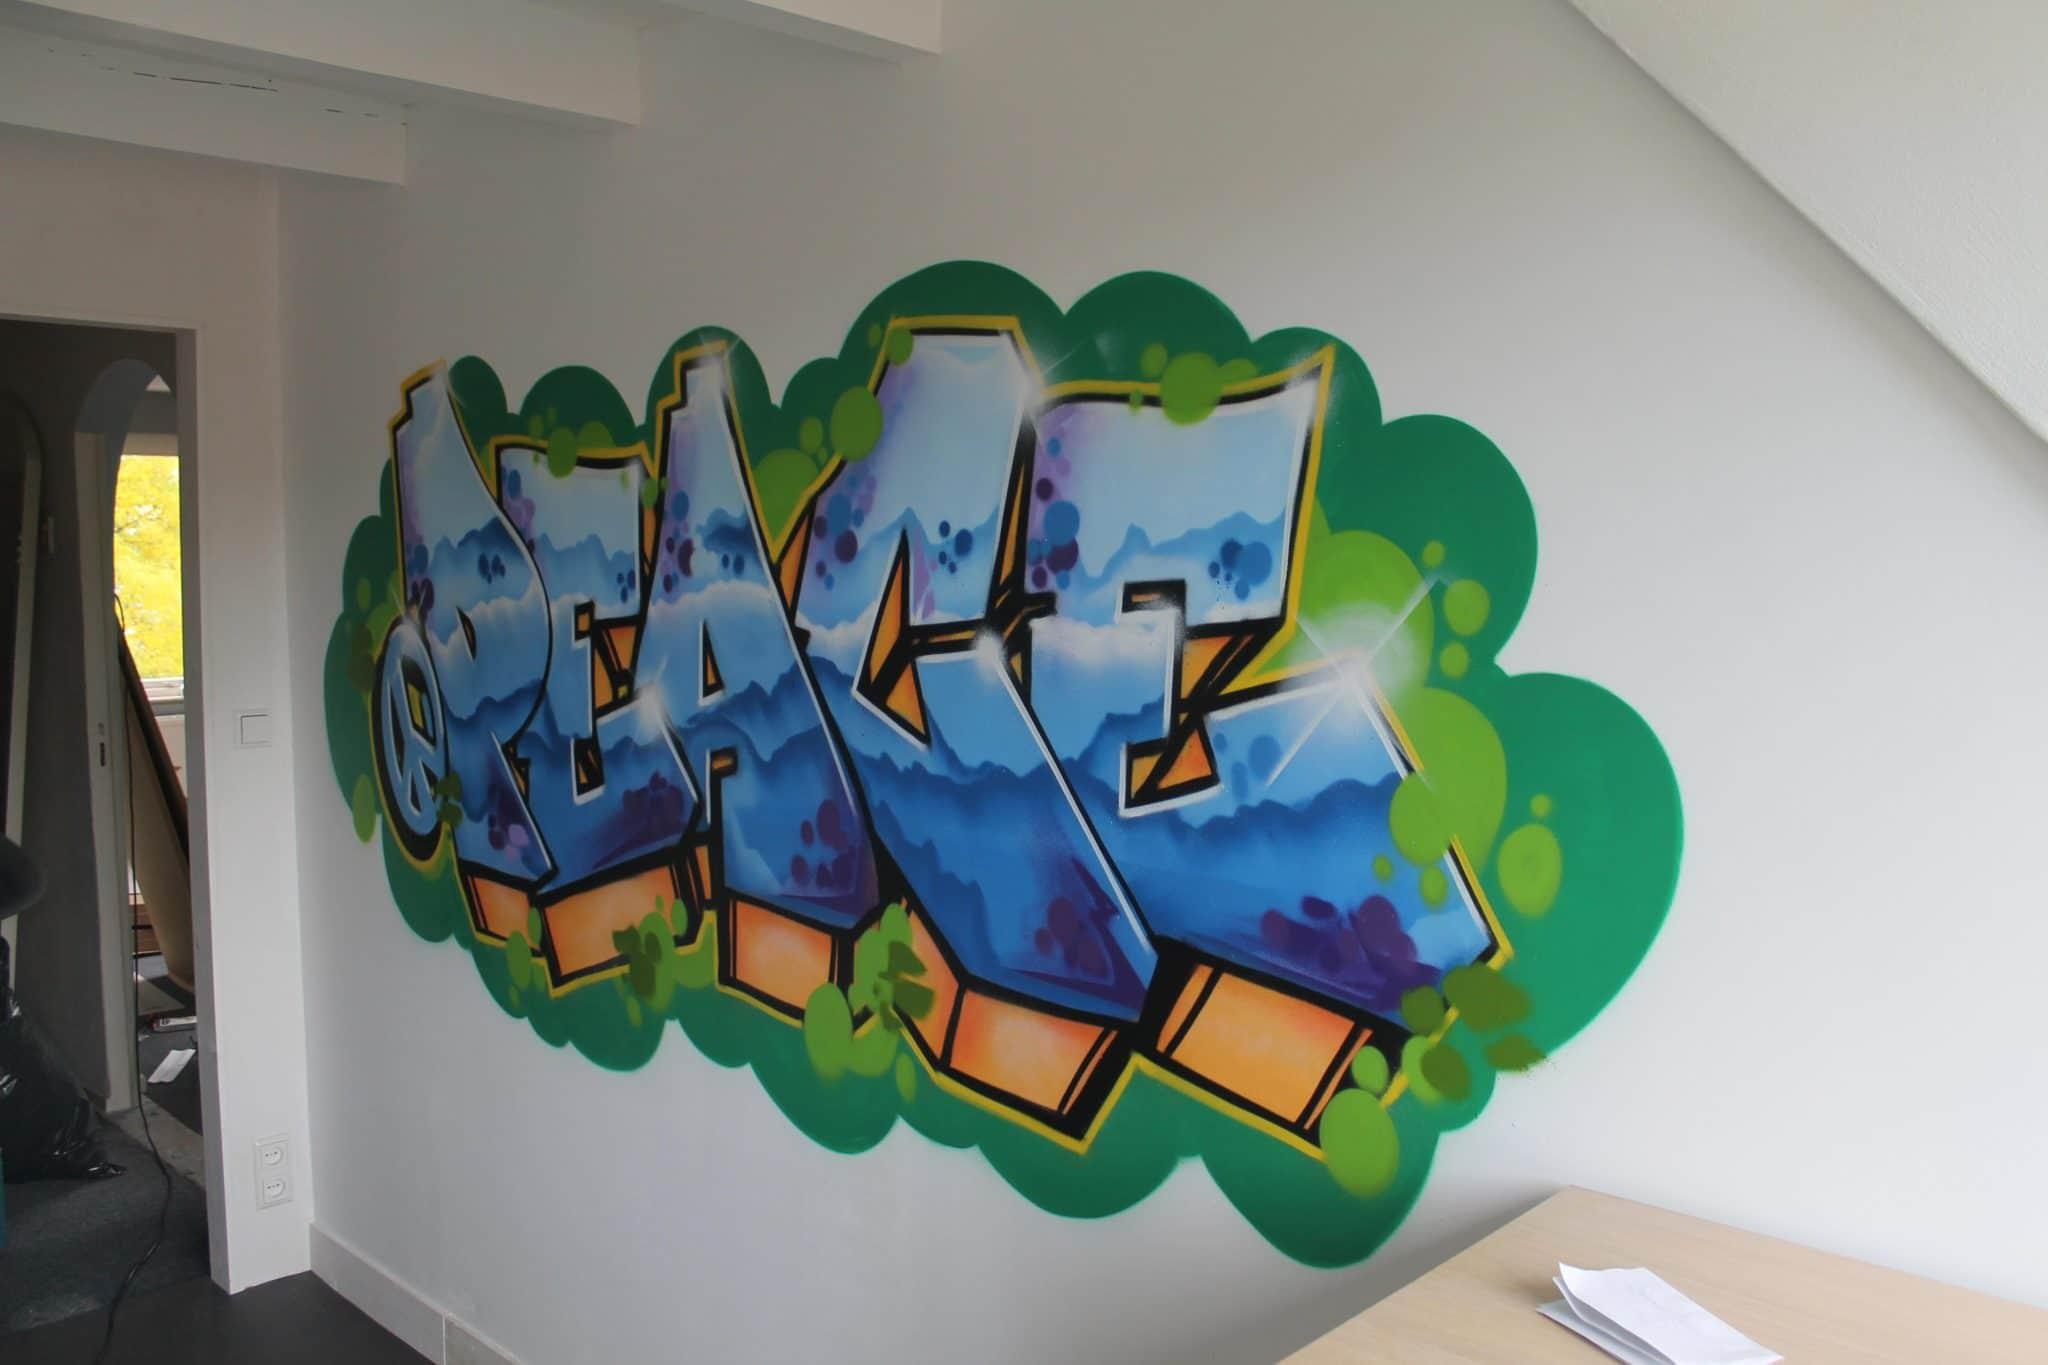 Fred väggmålning